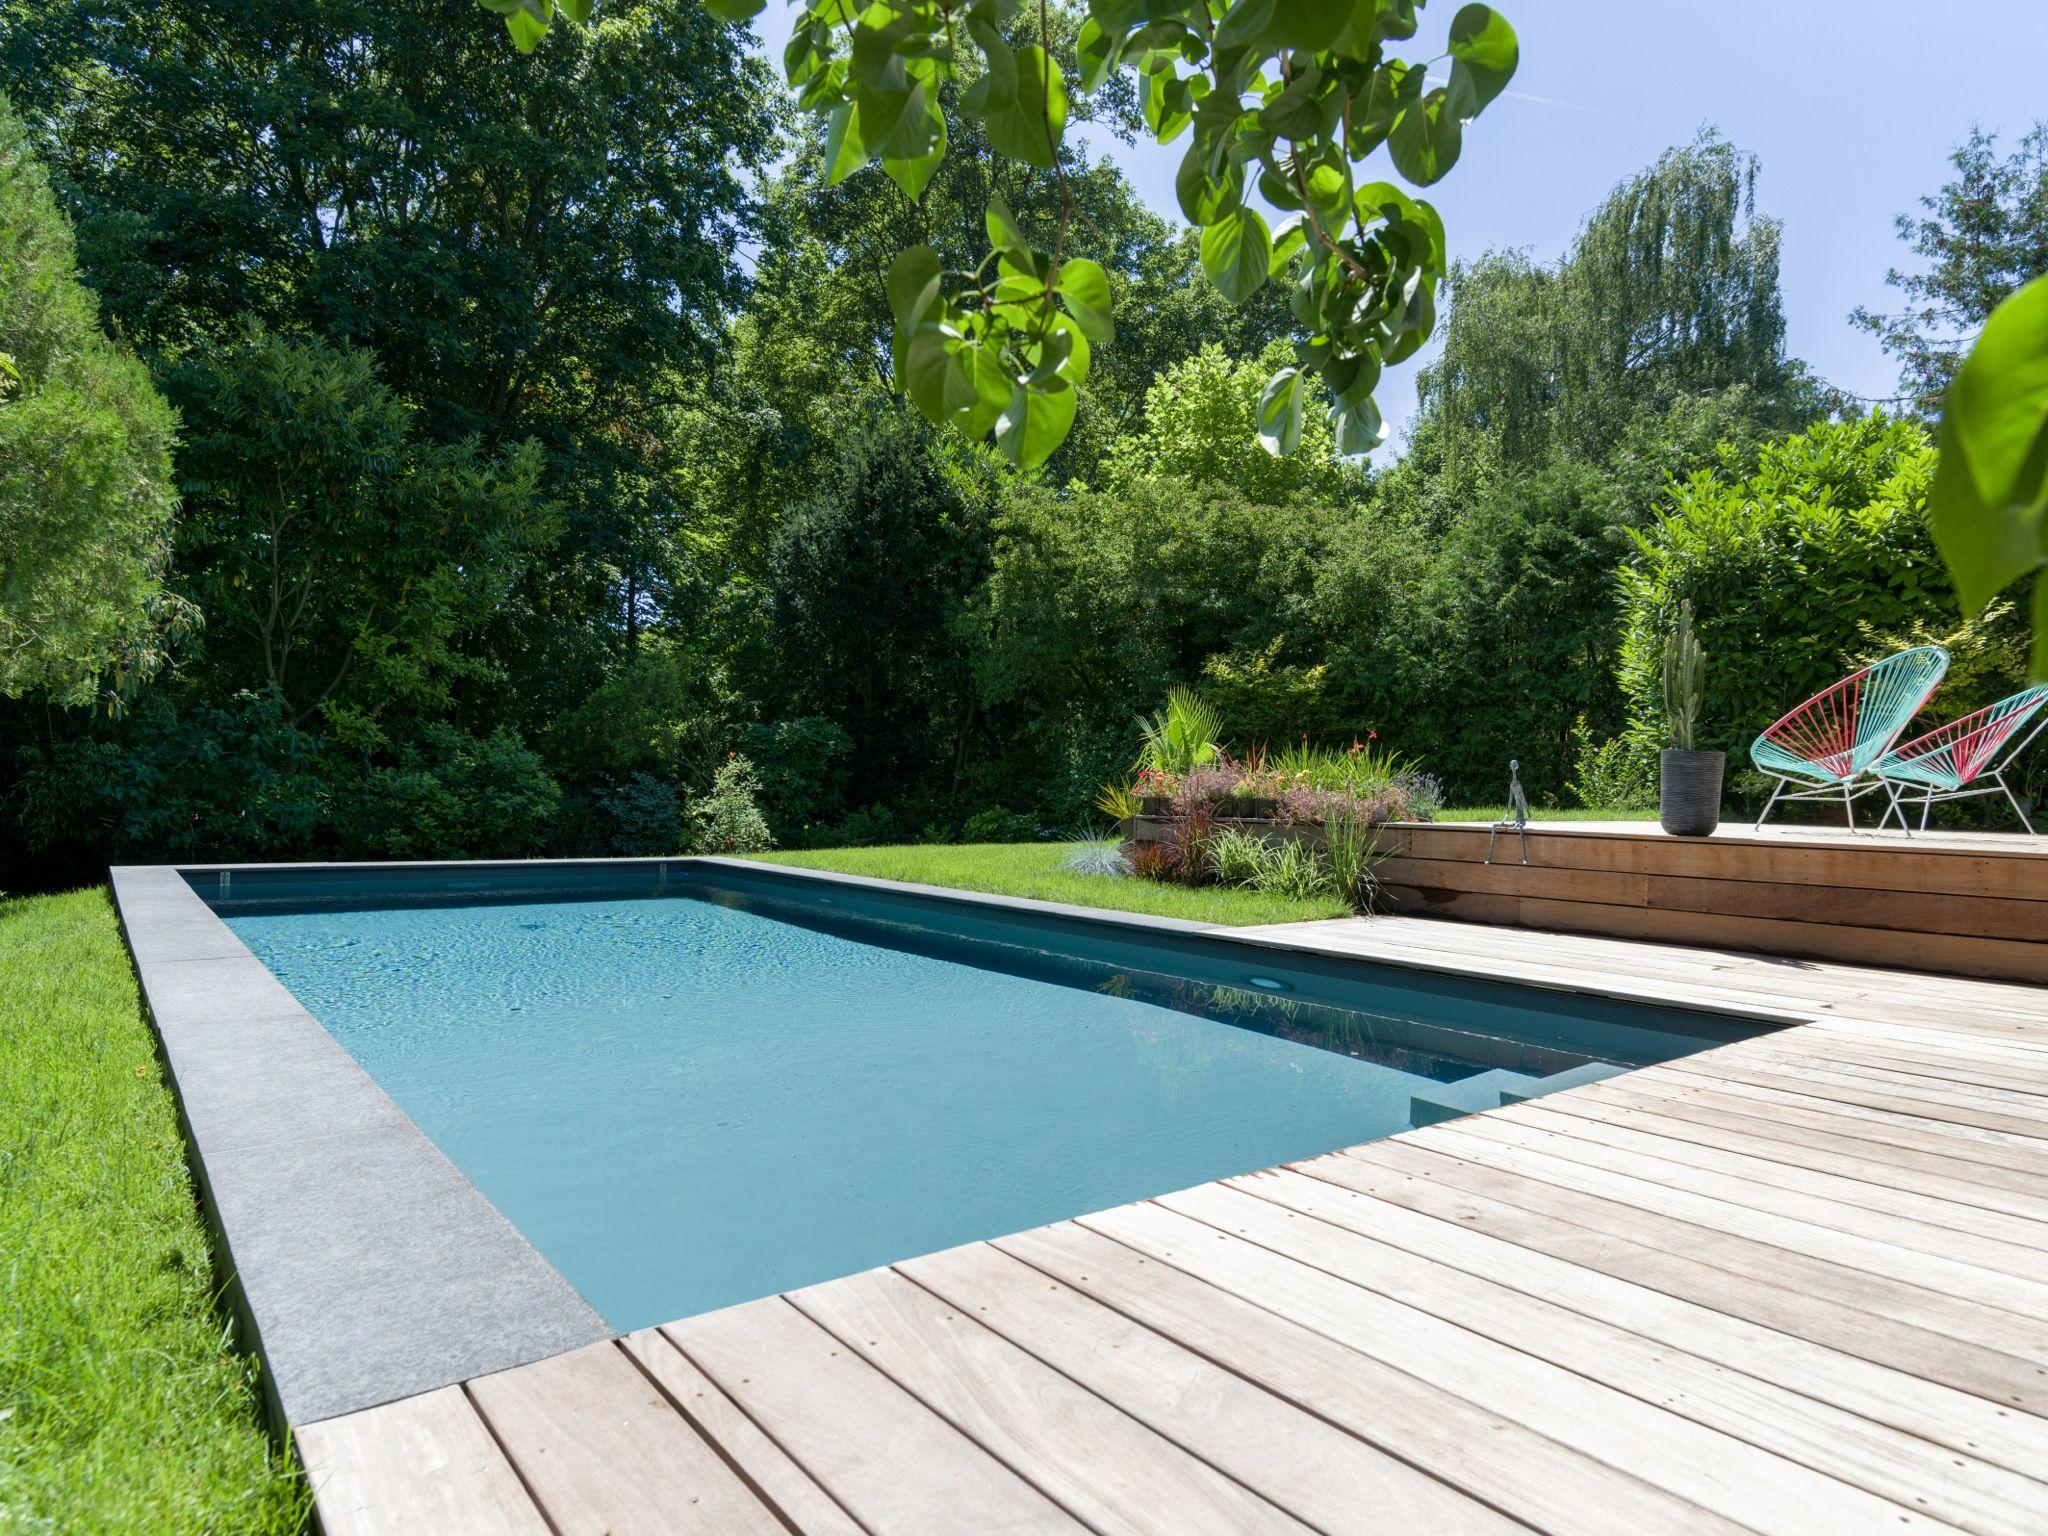 L'esprit familial par l'esprit piscine 8 x 3,50m Fond en